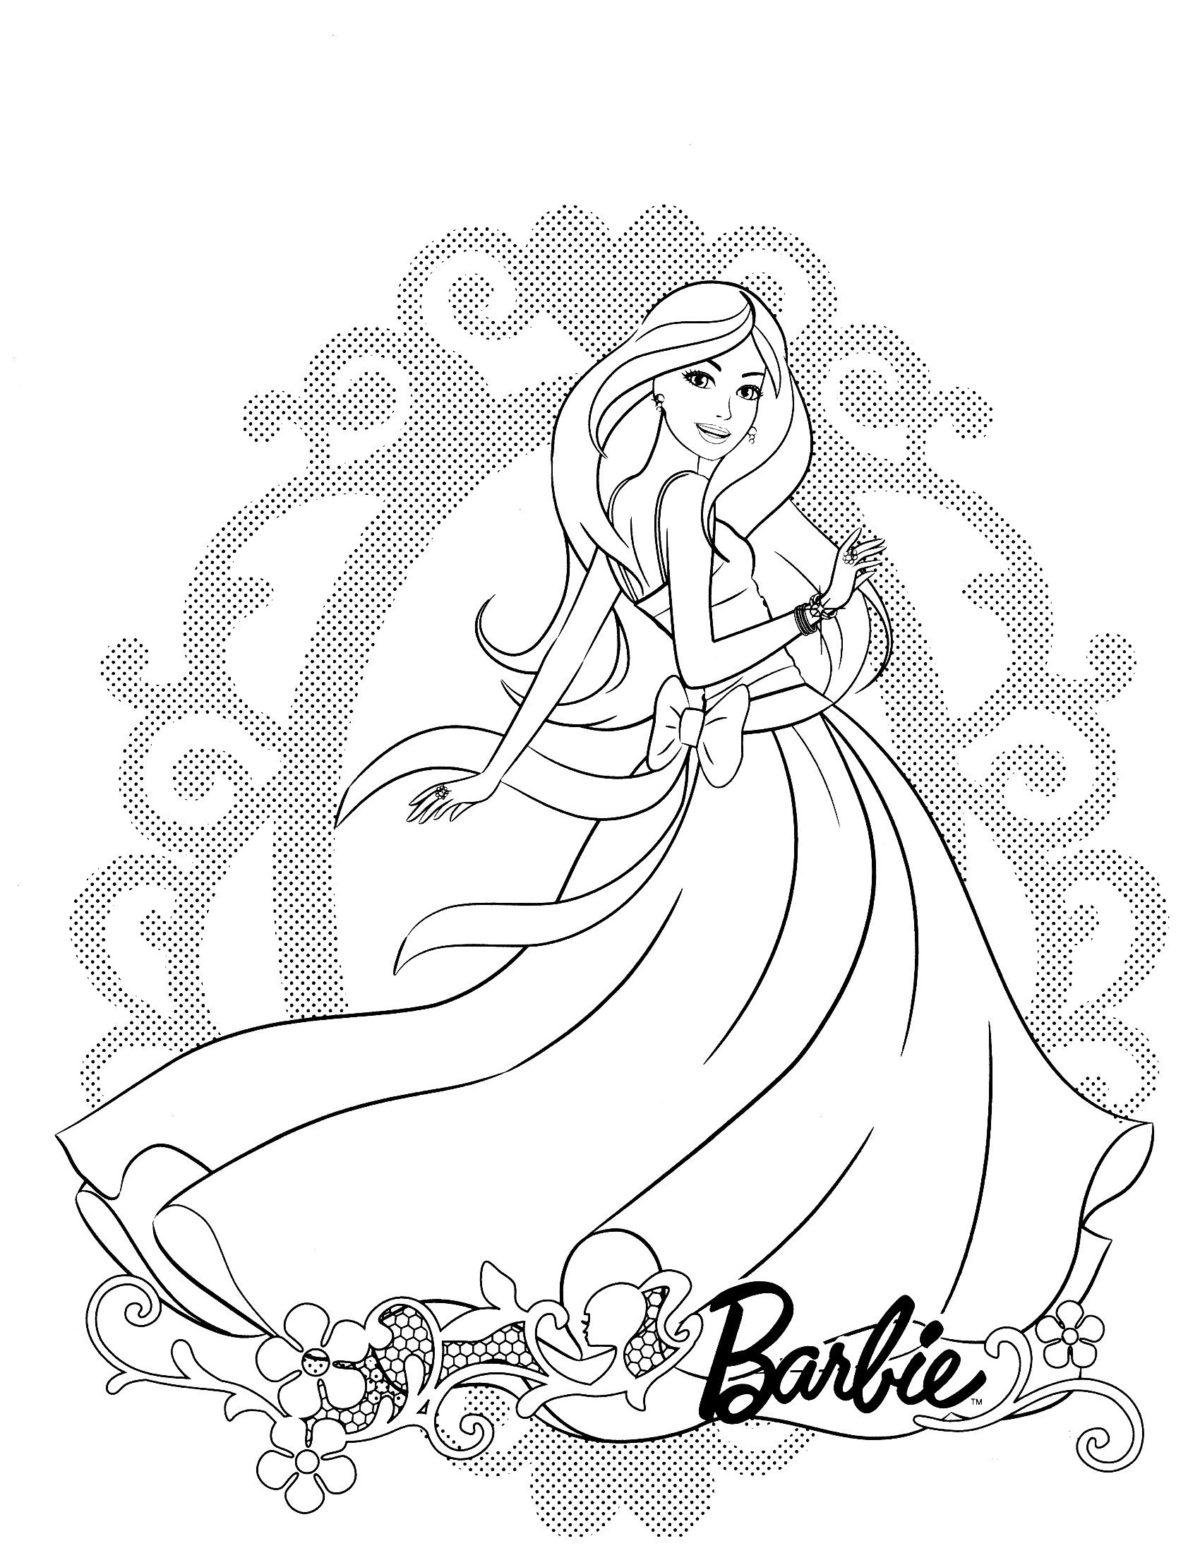 Барби в красивом платье - Картинка для раскрашивания красками-гуашью